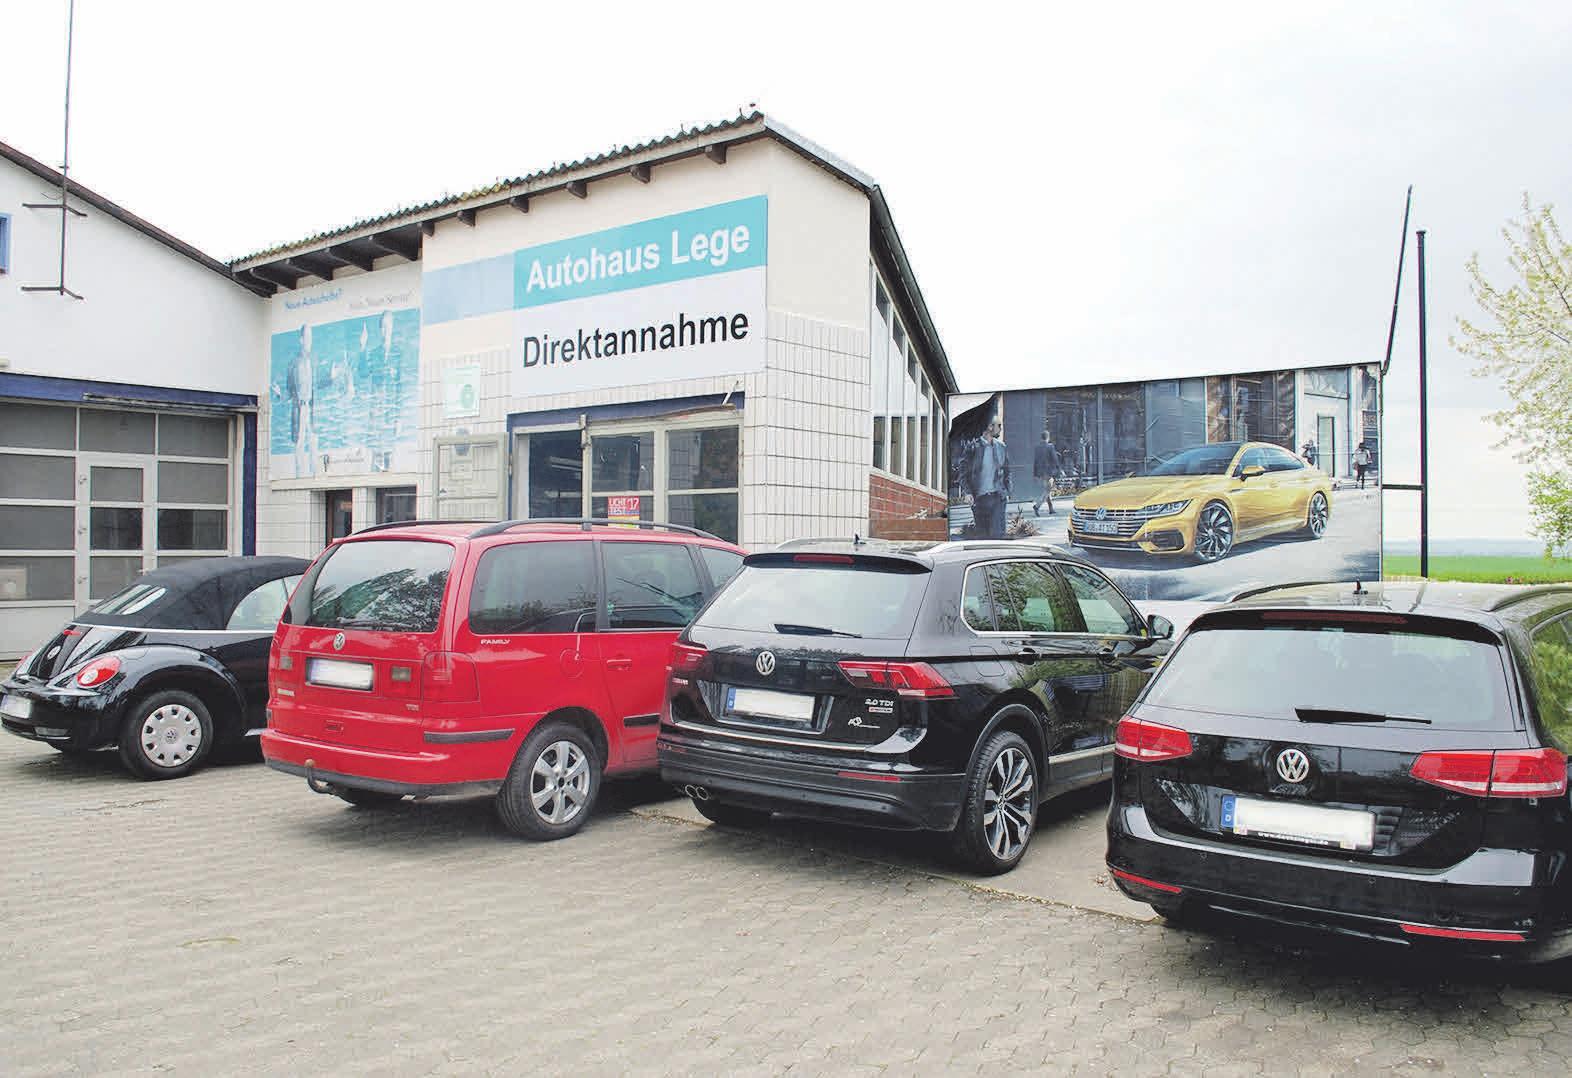 Das Autohaus Lege bietet auch Originalersatzteile für Fahrzeuge an. Foto:Birthe Kußroll-Ihle